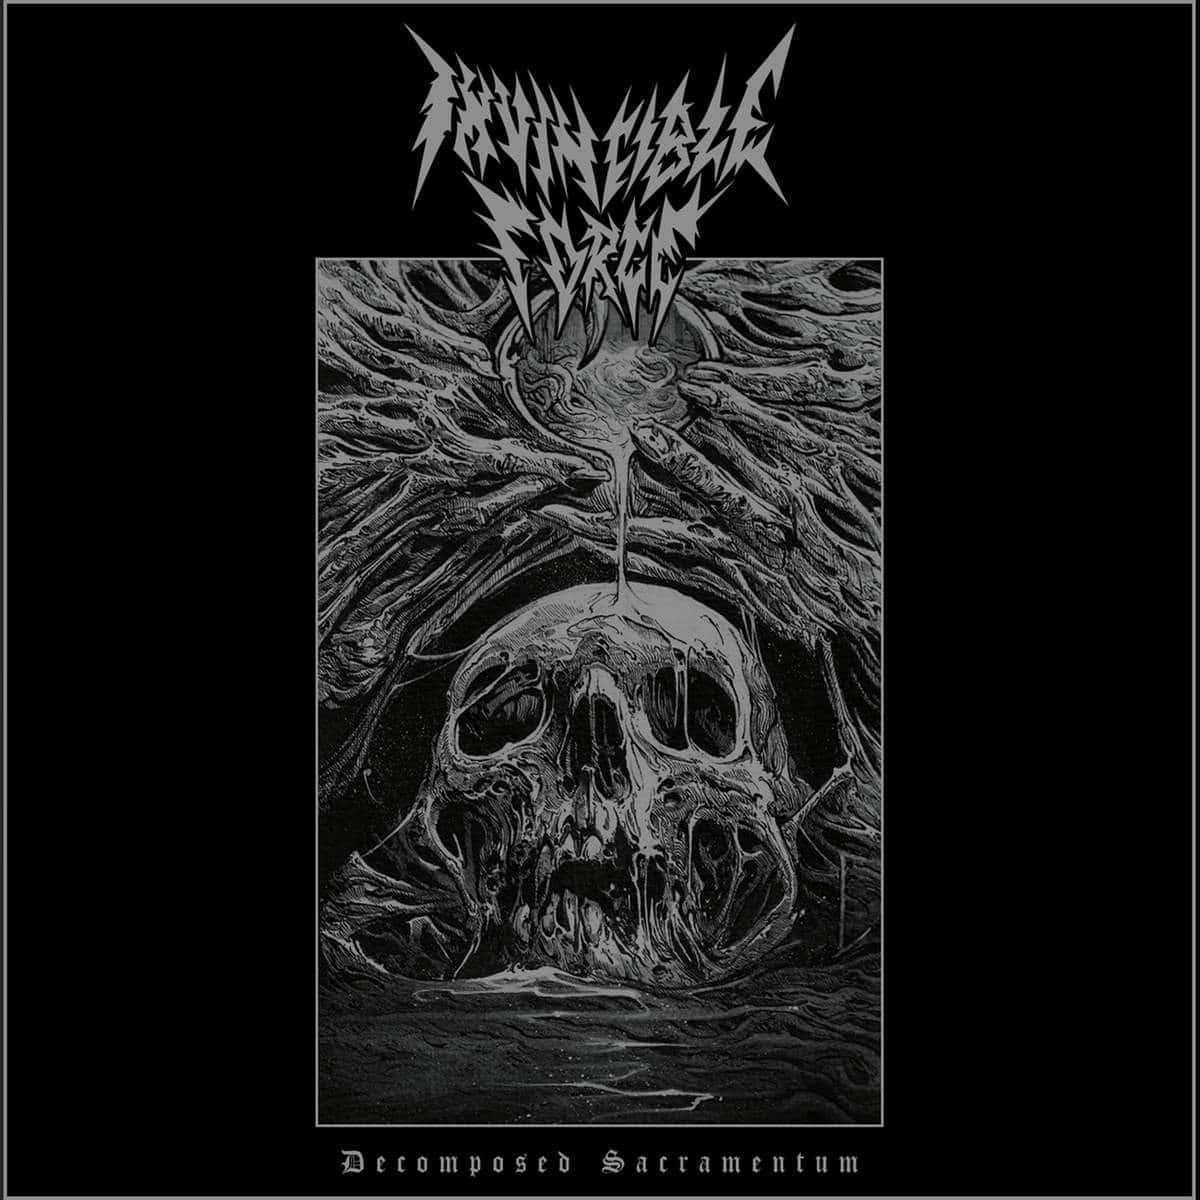 """invincible-force:-track-vom-neuen-black-/-thrash-metal-album-""""decomposed-sacramentum""""-aus-chile"""